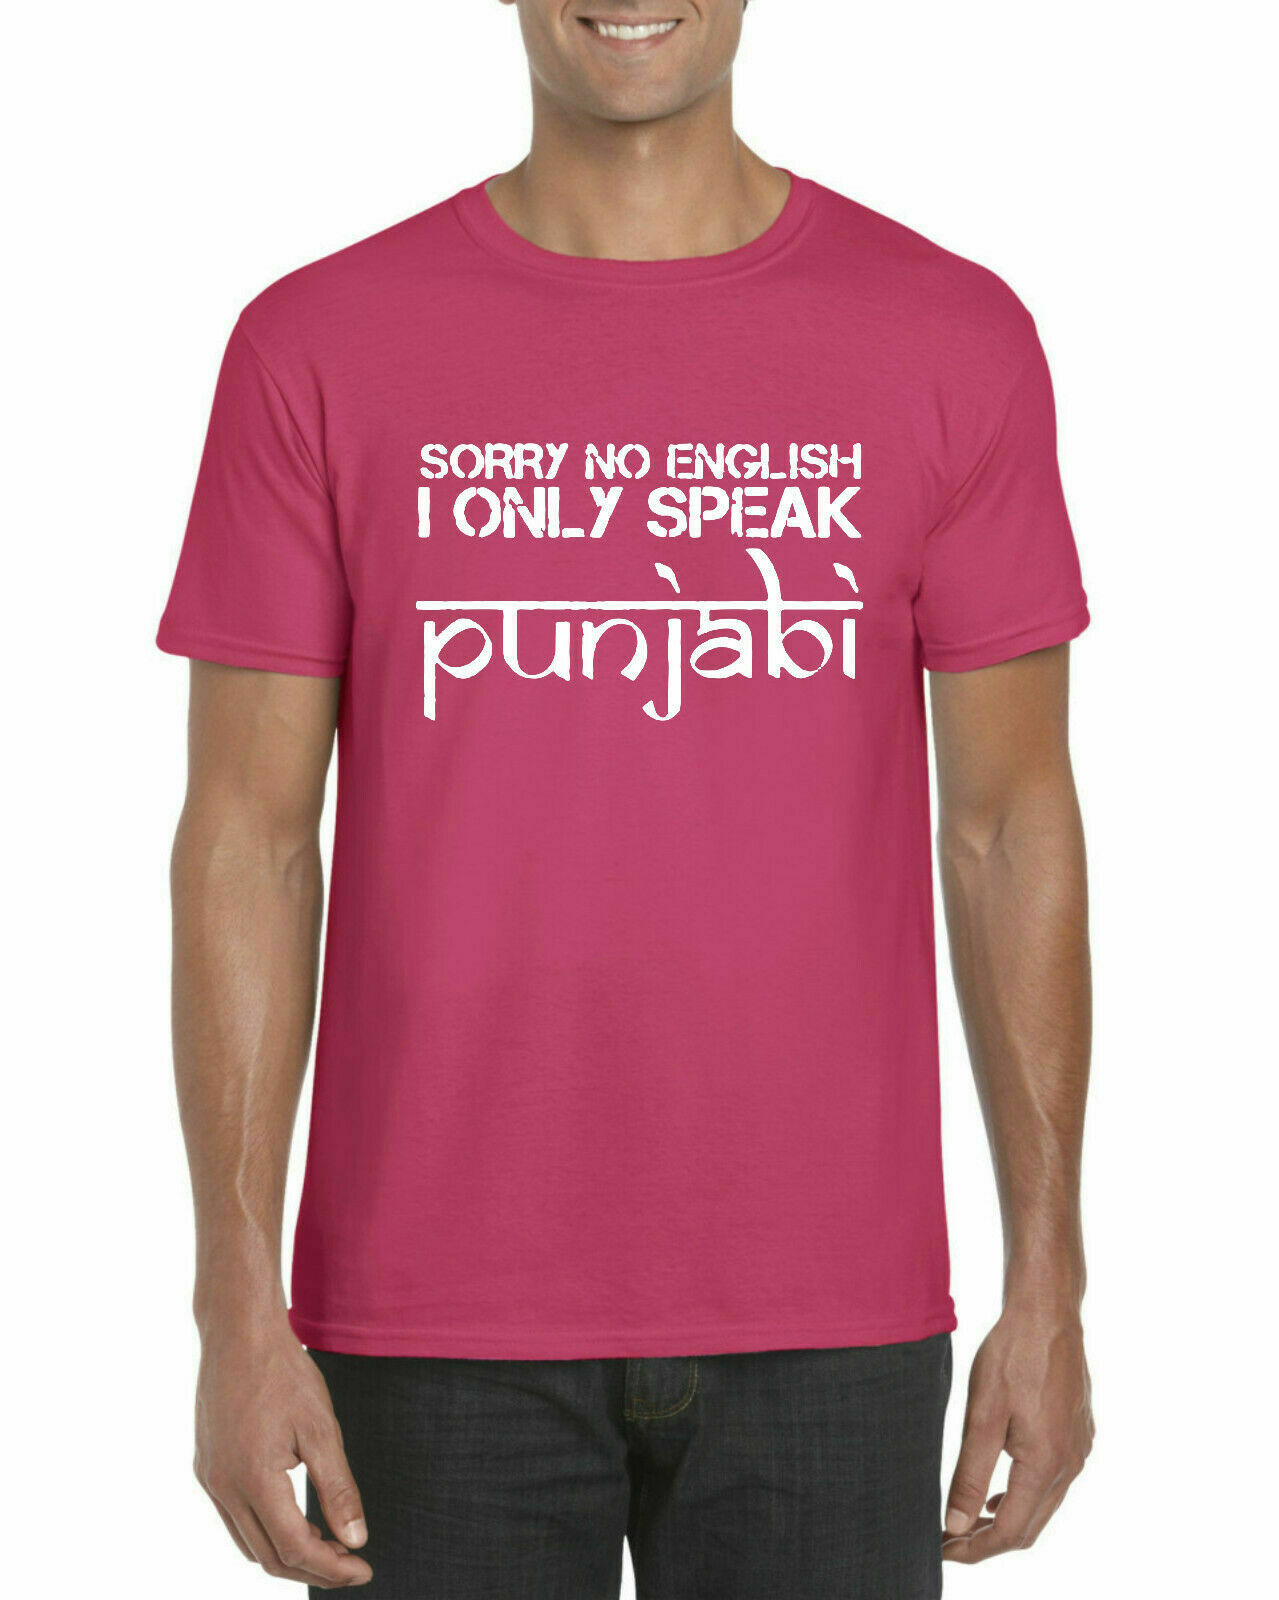 NEVER STOP BHANGRA T SHIRT UNISEX TEE PUNJAB SIKH GIFT DANCER WEDDING PUNJABI